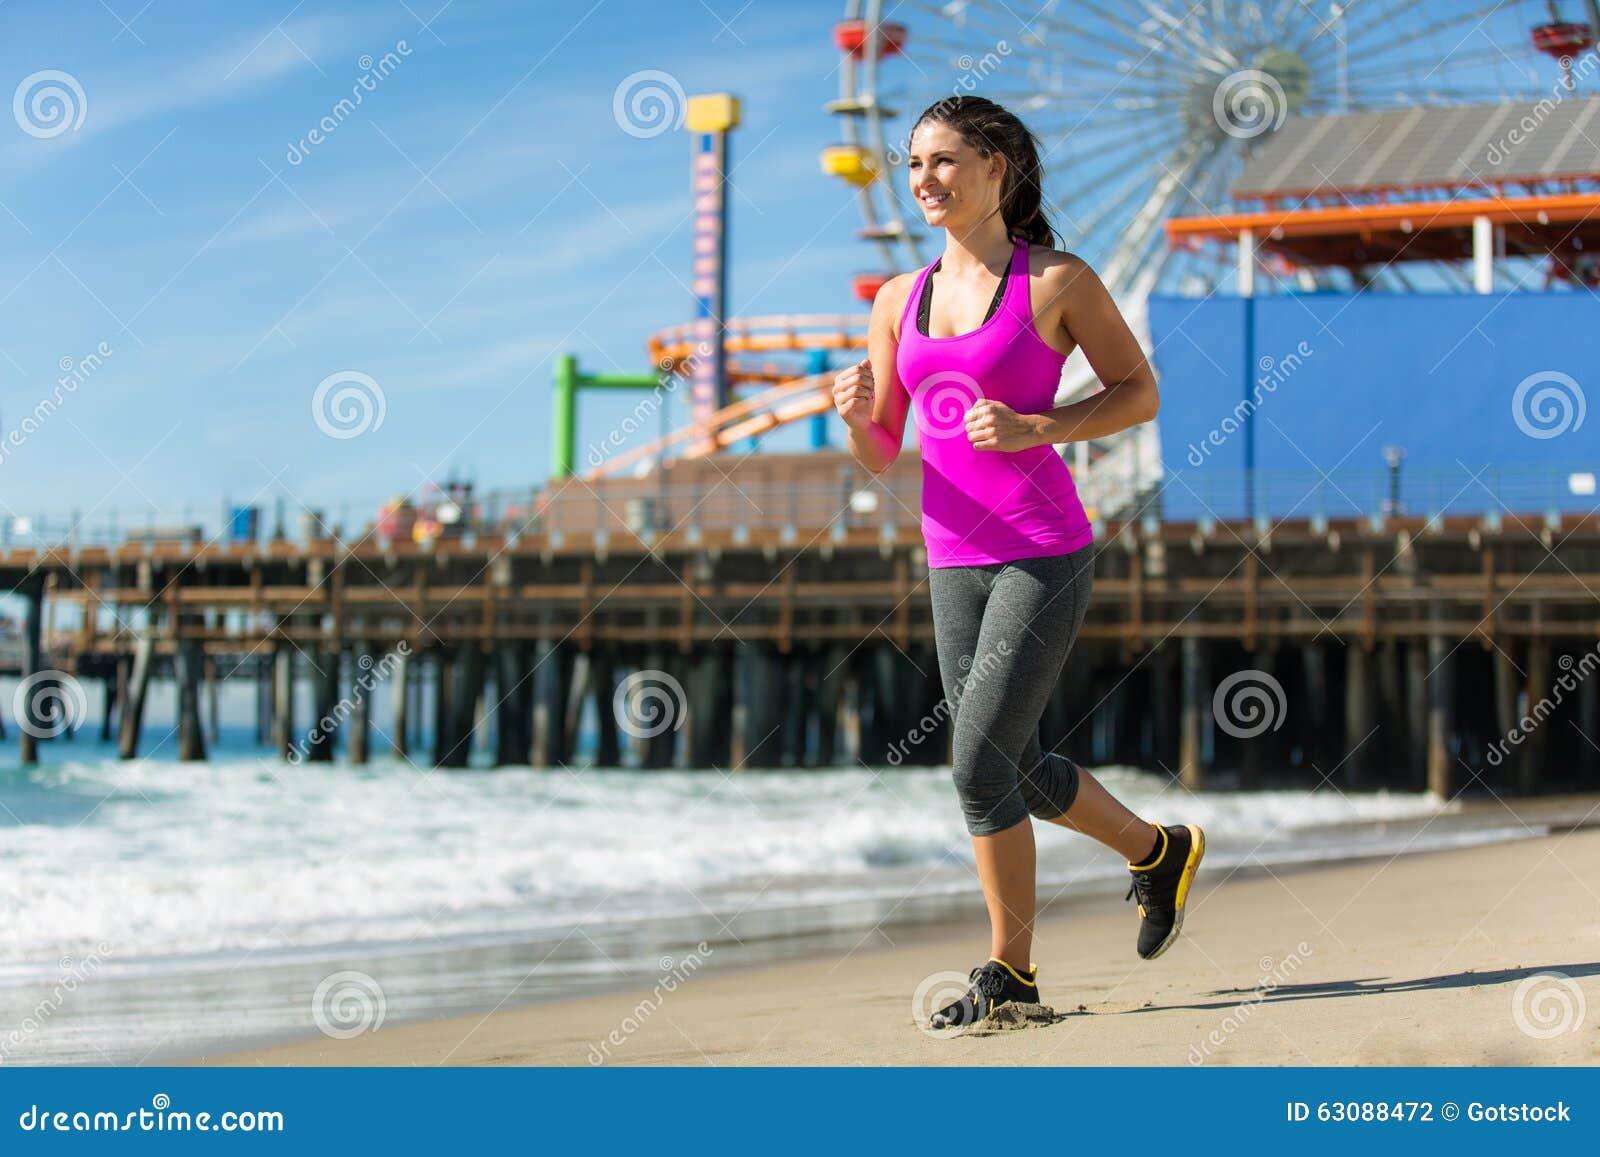 Download Pulser Heureux Sain Convenable De Femme Sur La Femelle Attirante De Cardio- Perte De Poids De L'espace De Jour Parfait De Plage Photo stock - Image du athlète, extérieur: 63088472